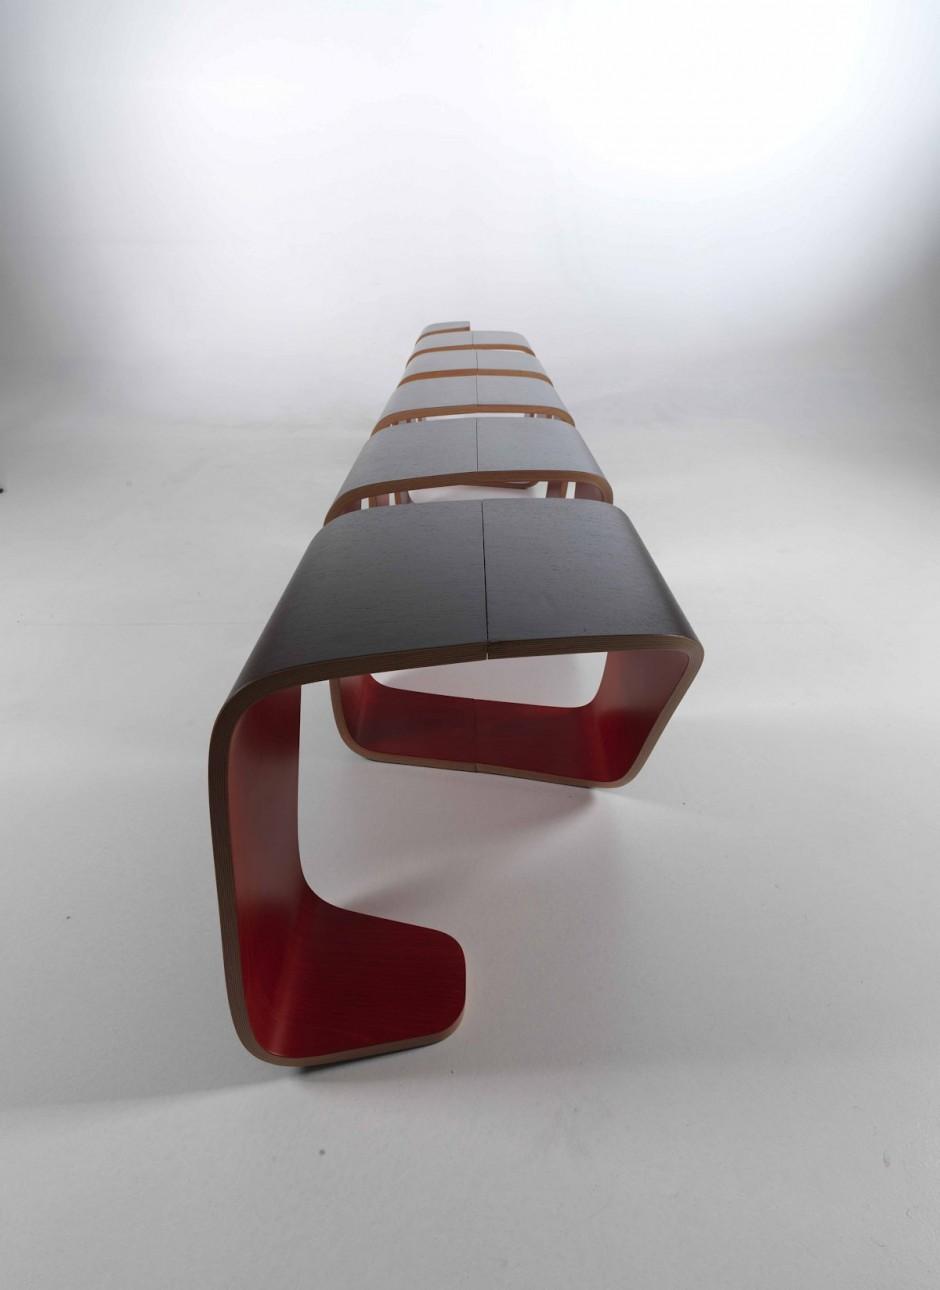 Умопомрачительная форма скамейки True Design от Leonardo Rossano